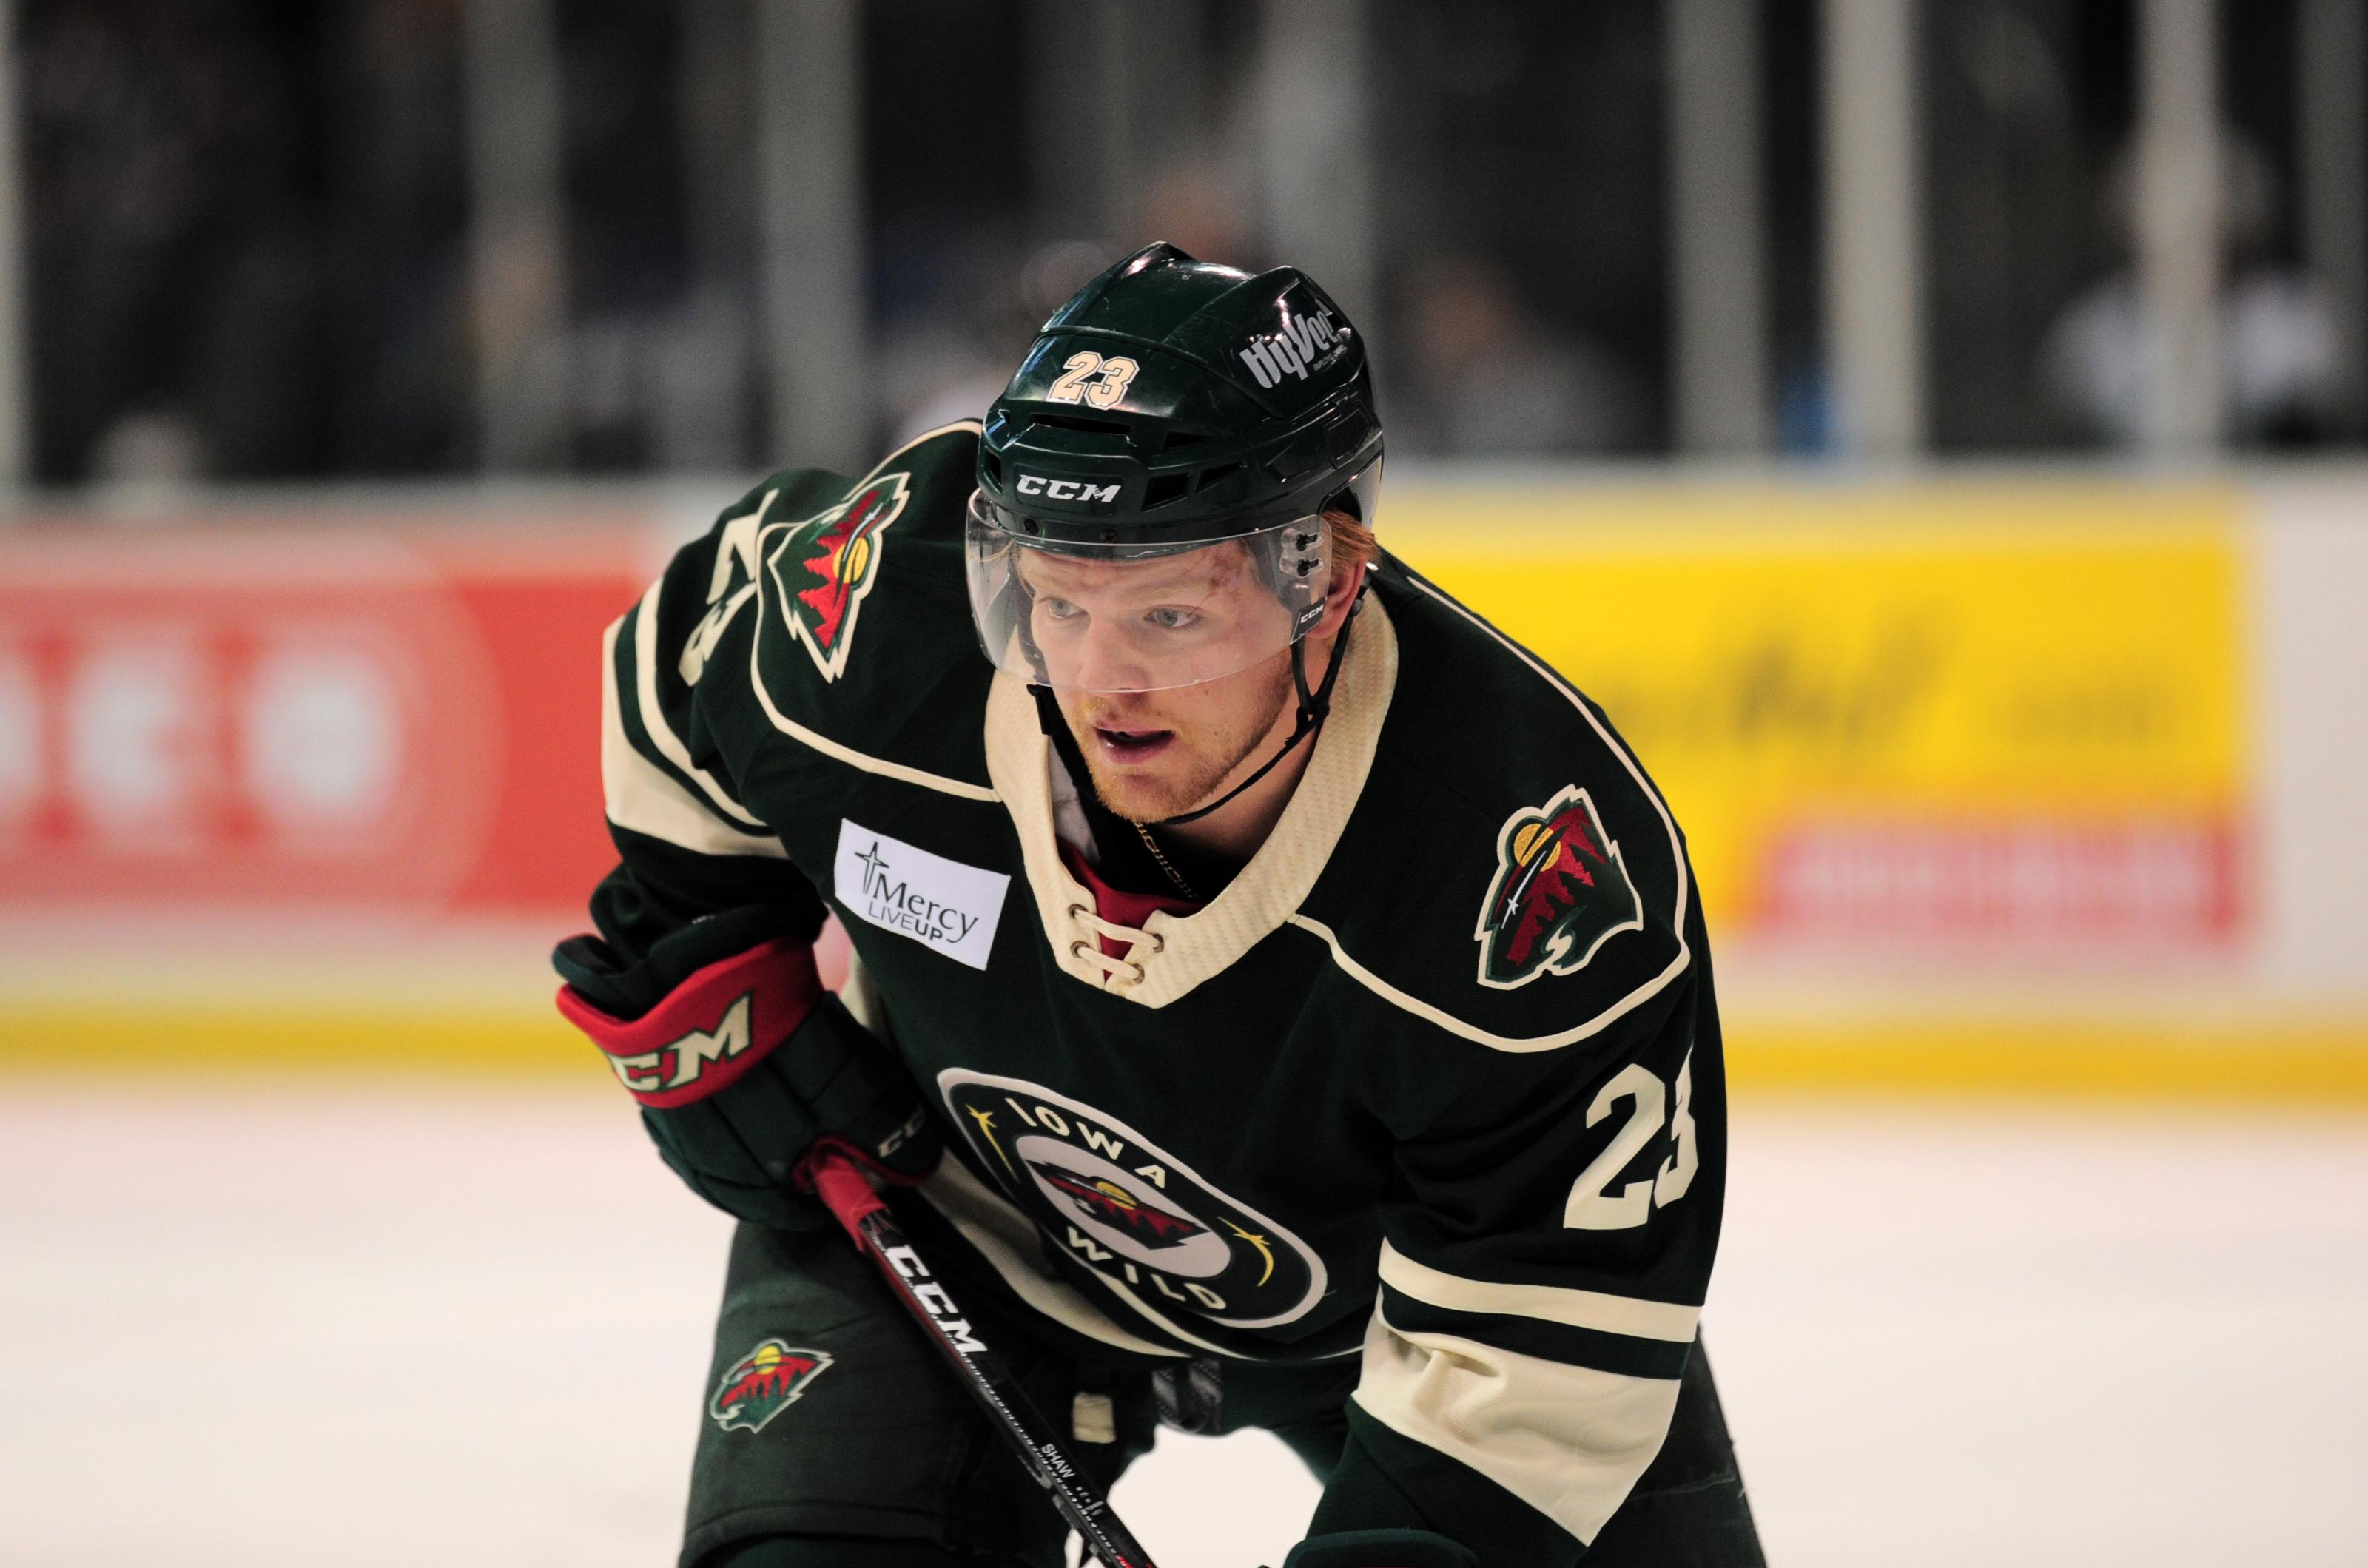 AHL: Minnesota Wild - Mason Shaw On A Tear With The Iowa Wild